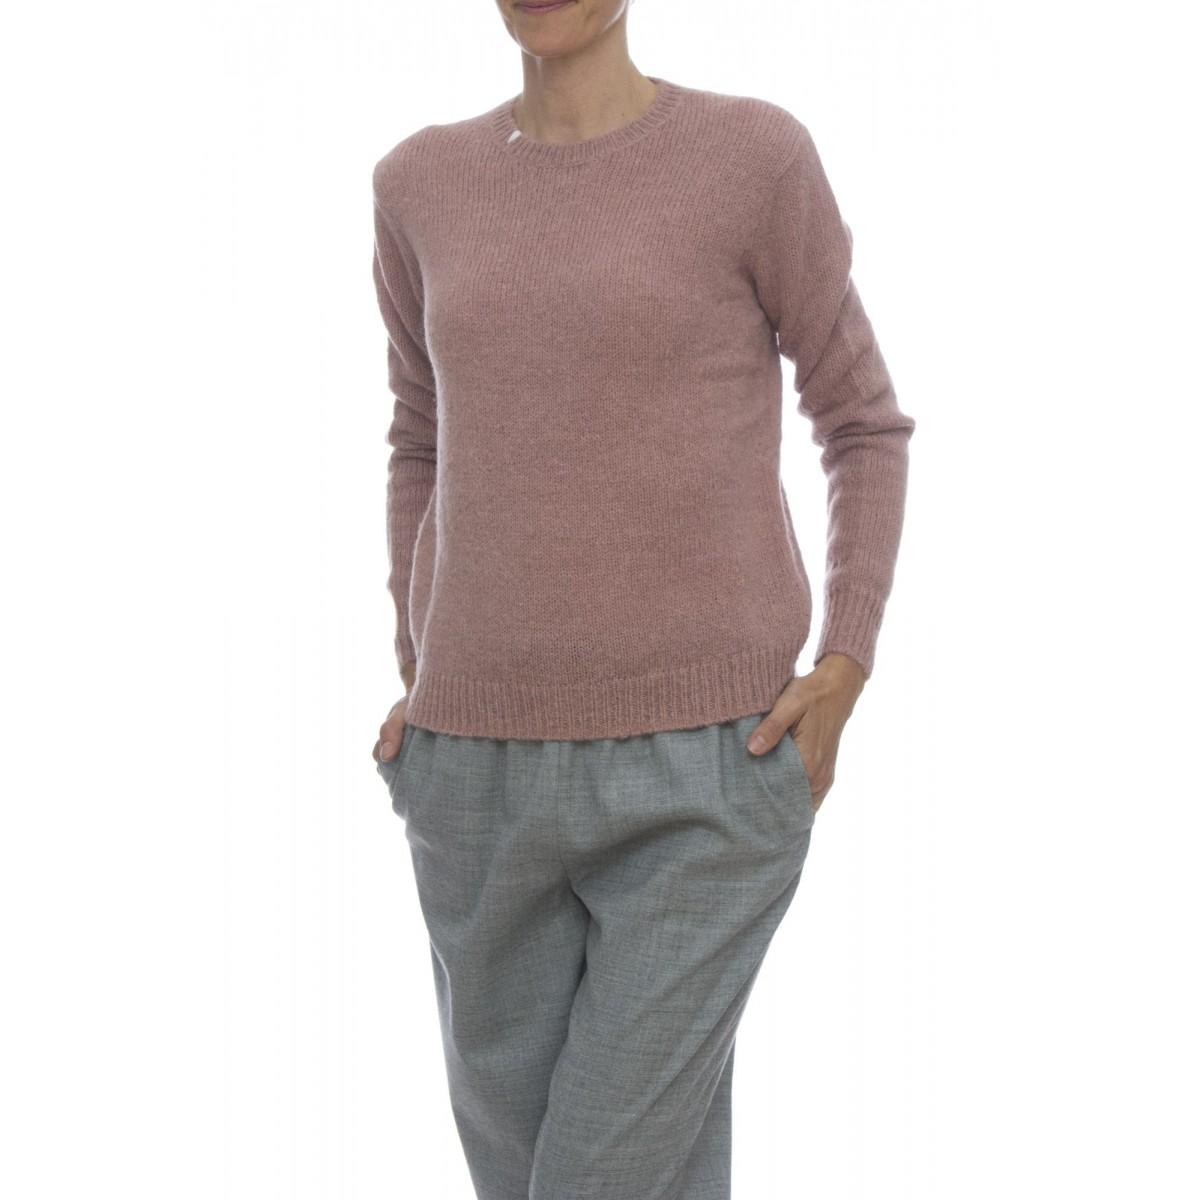 Maglia donna - 27262 maglia lana